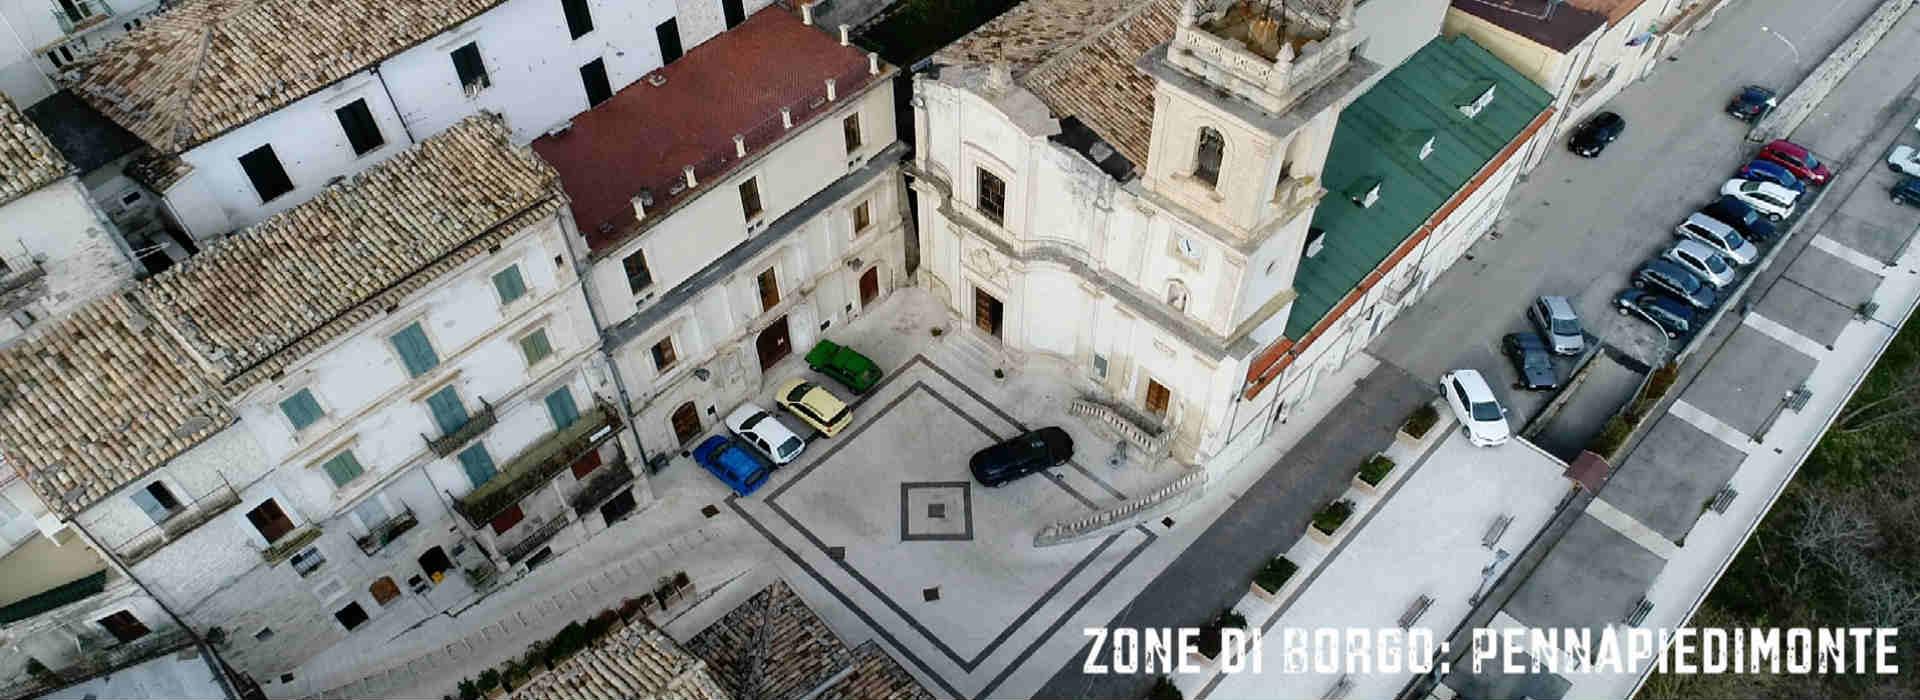 Pennapiedimonte, Zone di Borgo